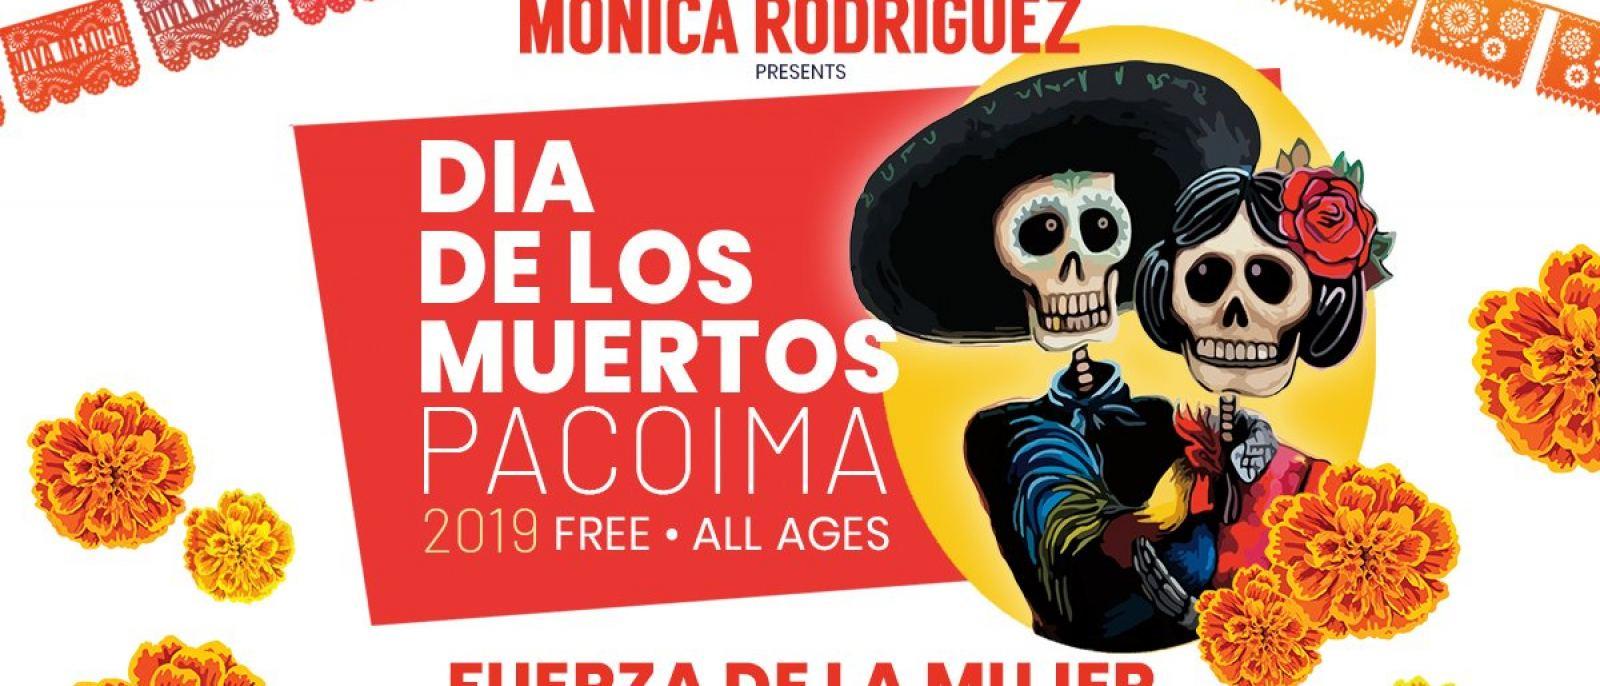 Día de los Muertos Arts & Music Festivalat Pacoima City Hall